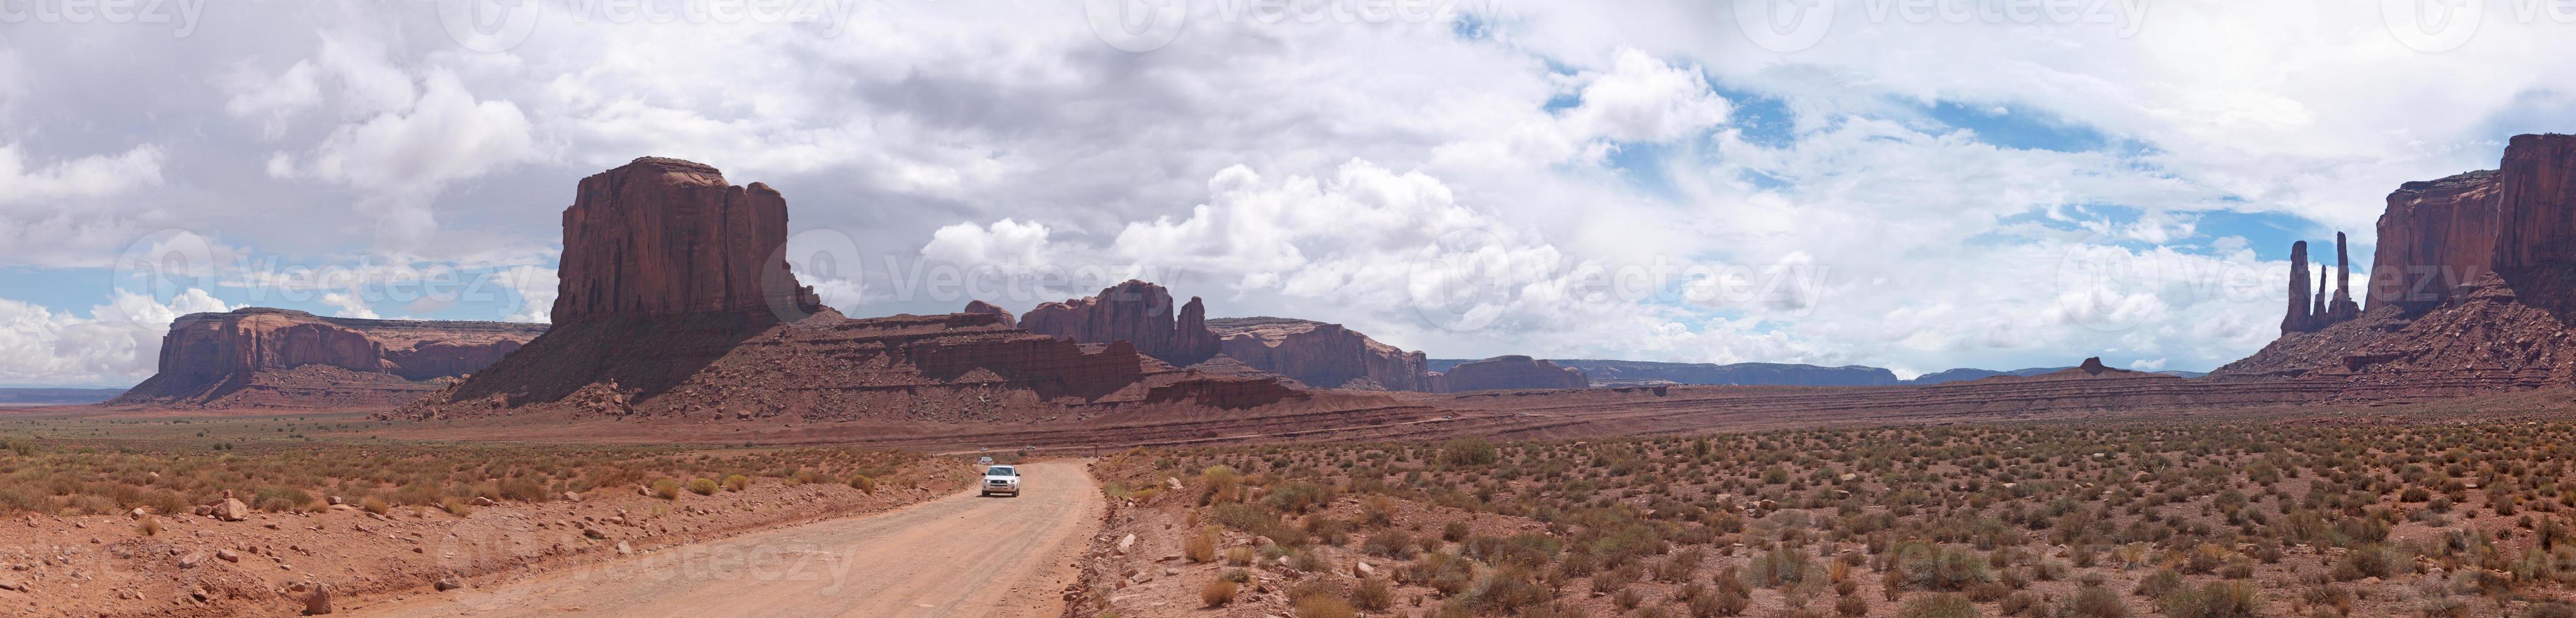 panorama del valle del monumento foto